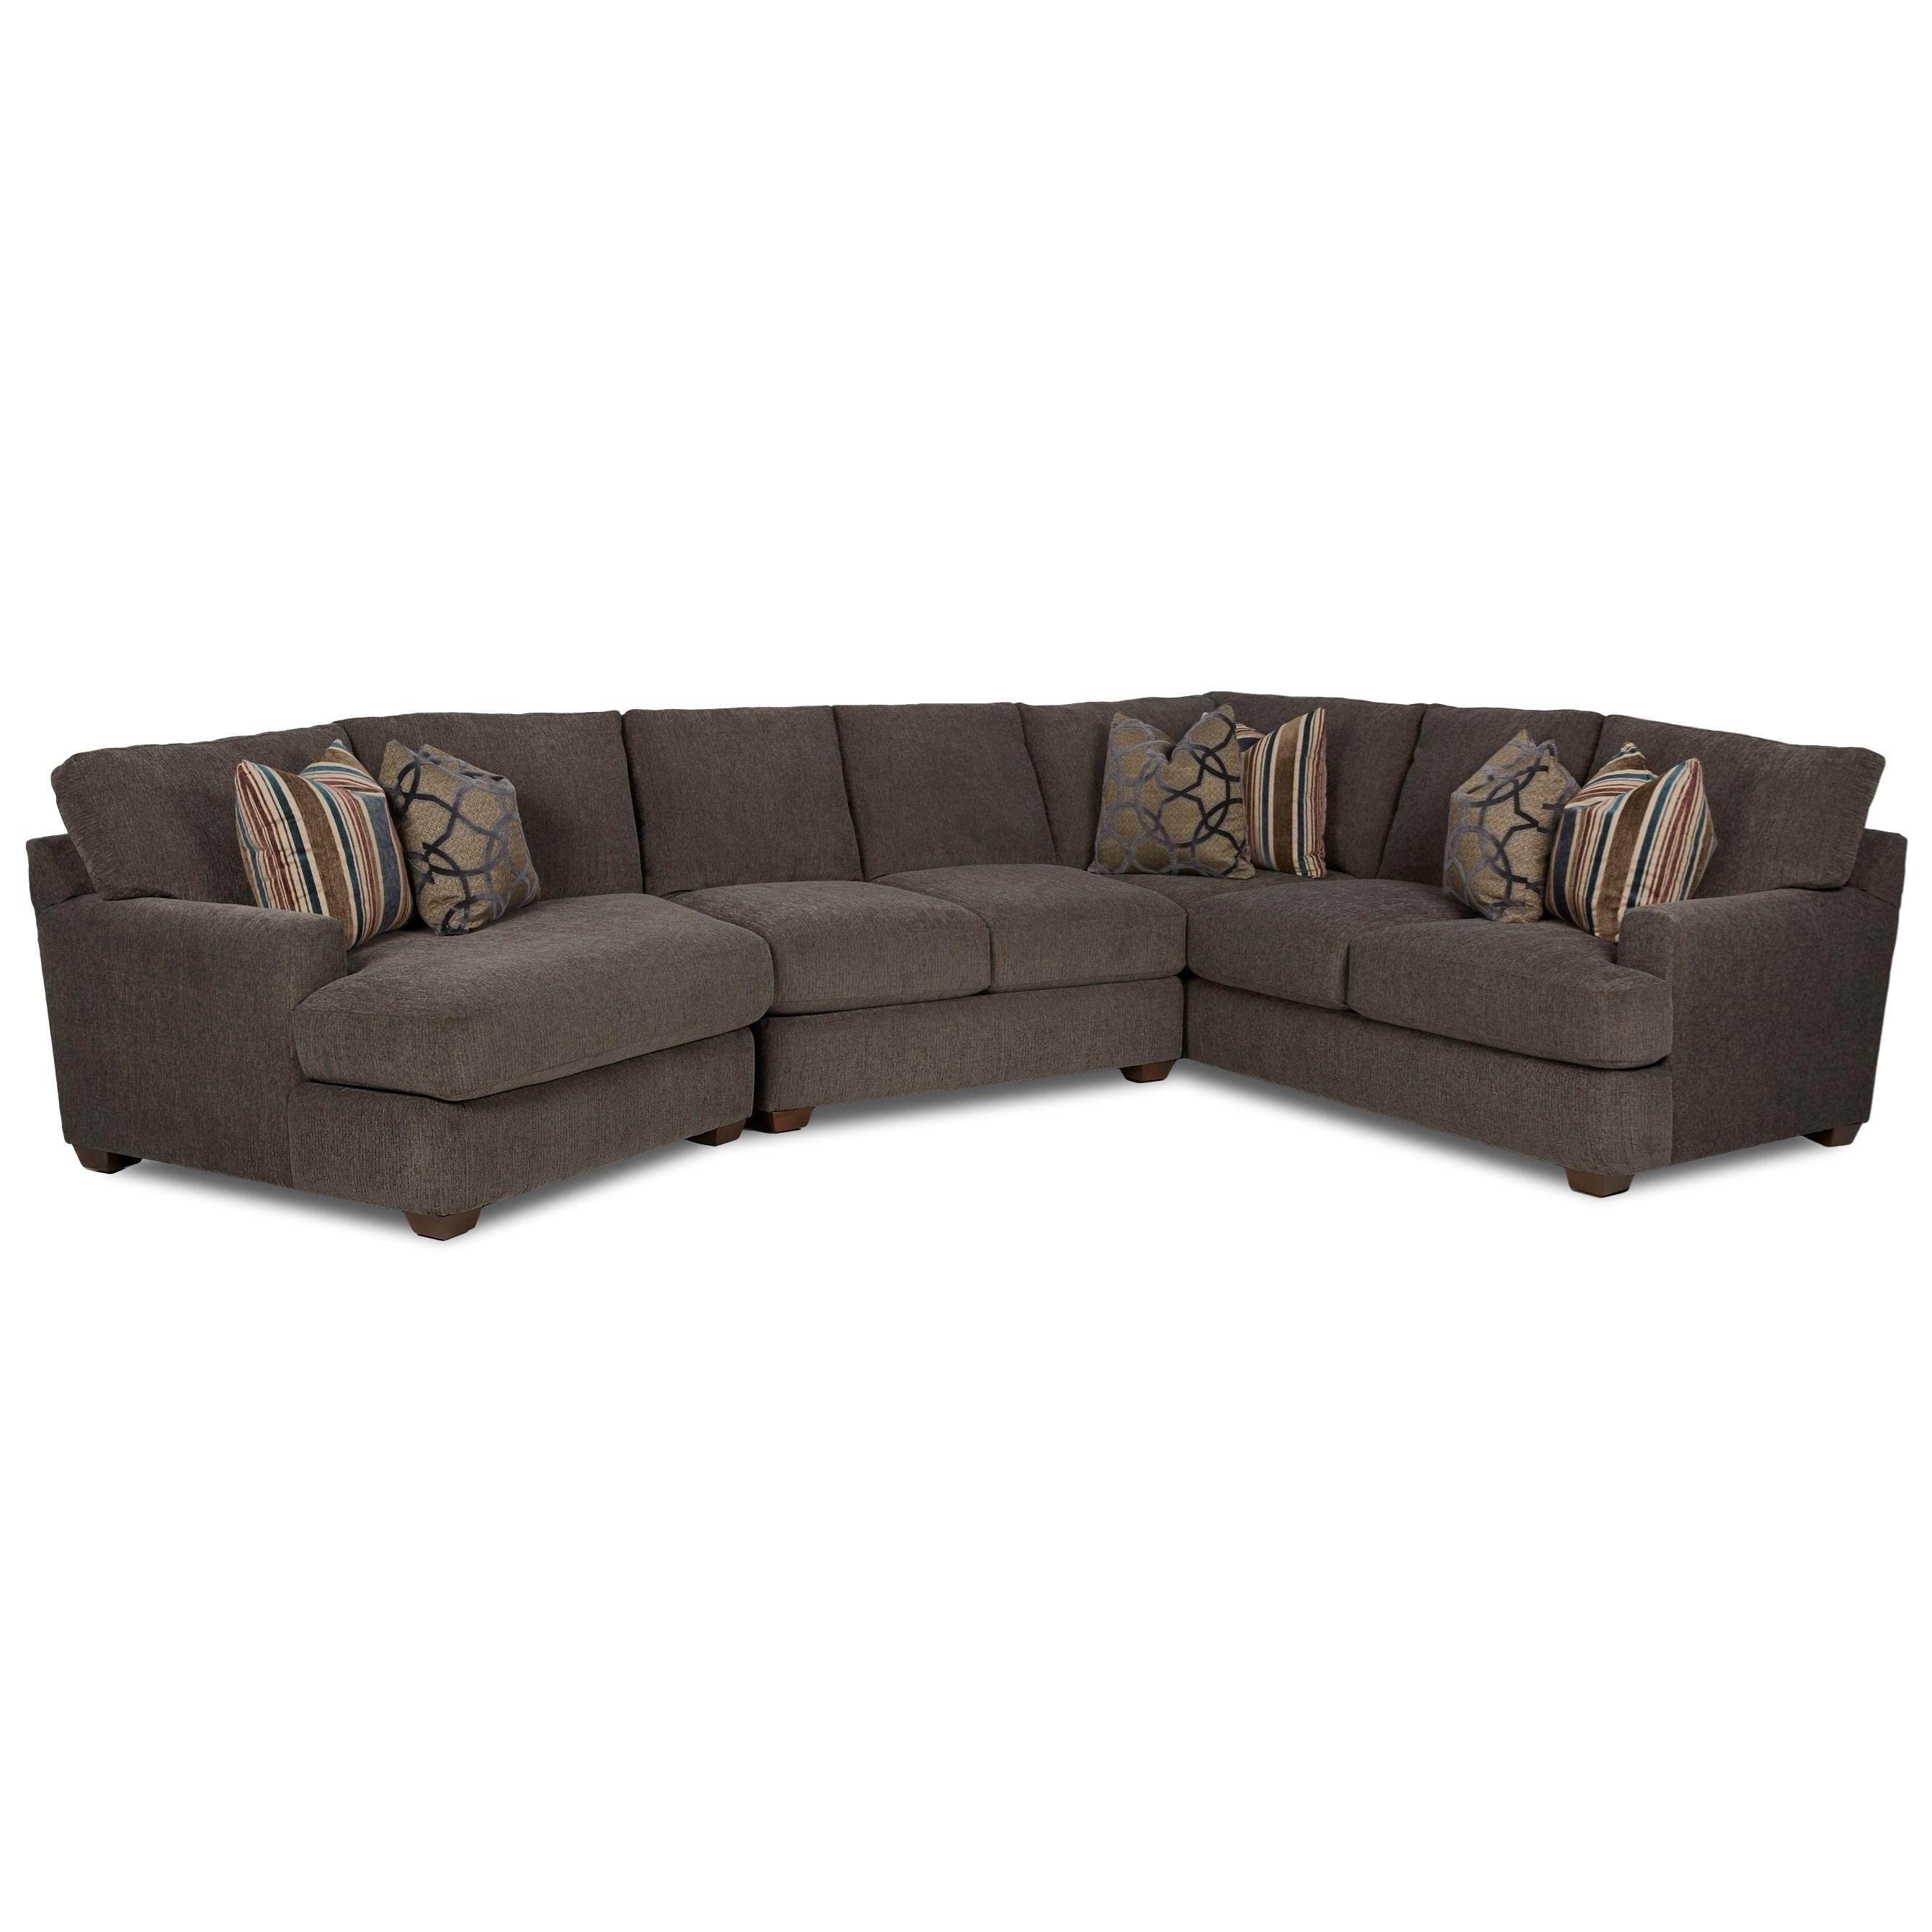 Elliston Place Haynes3 Pc Sectional Sofa W/ LAF Cuddler